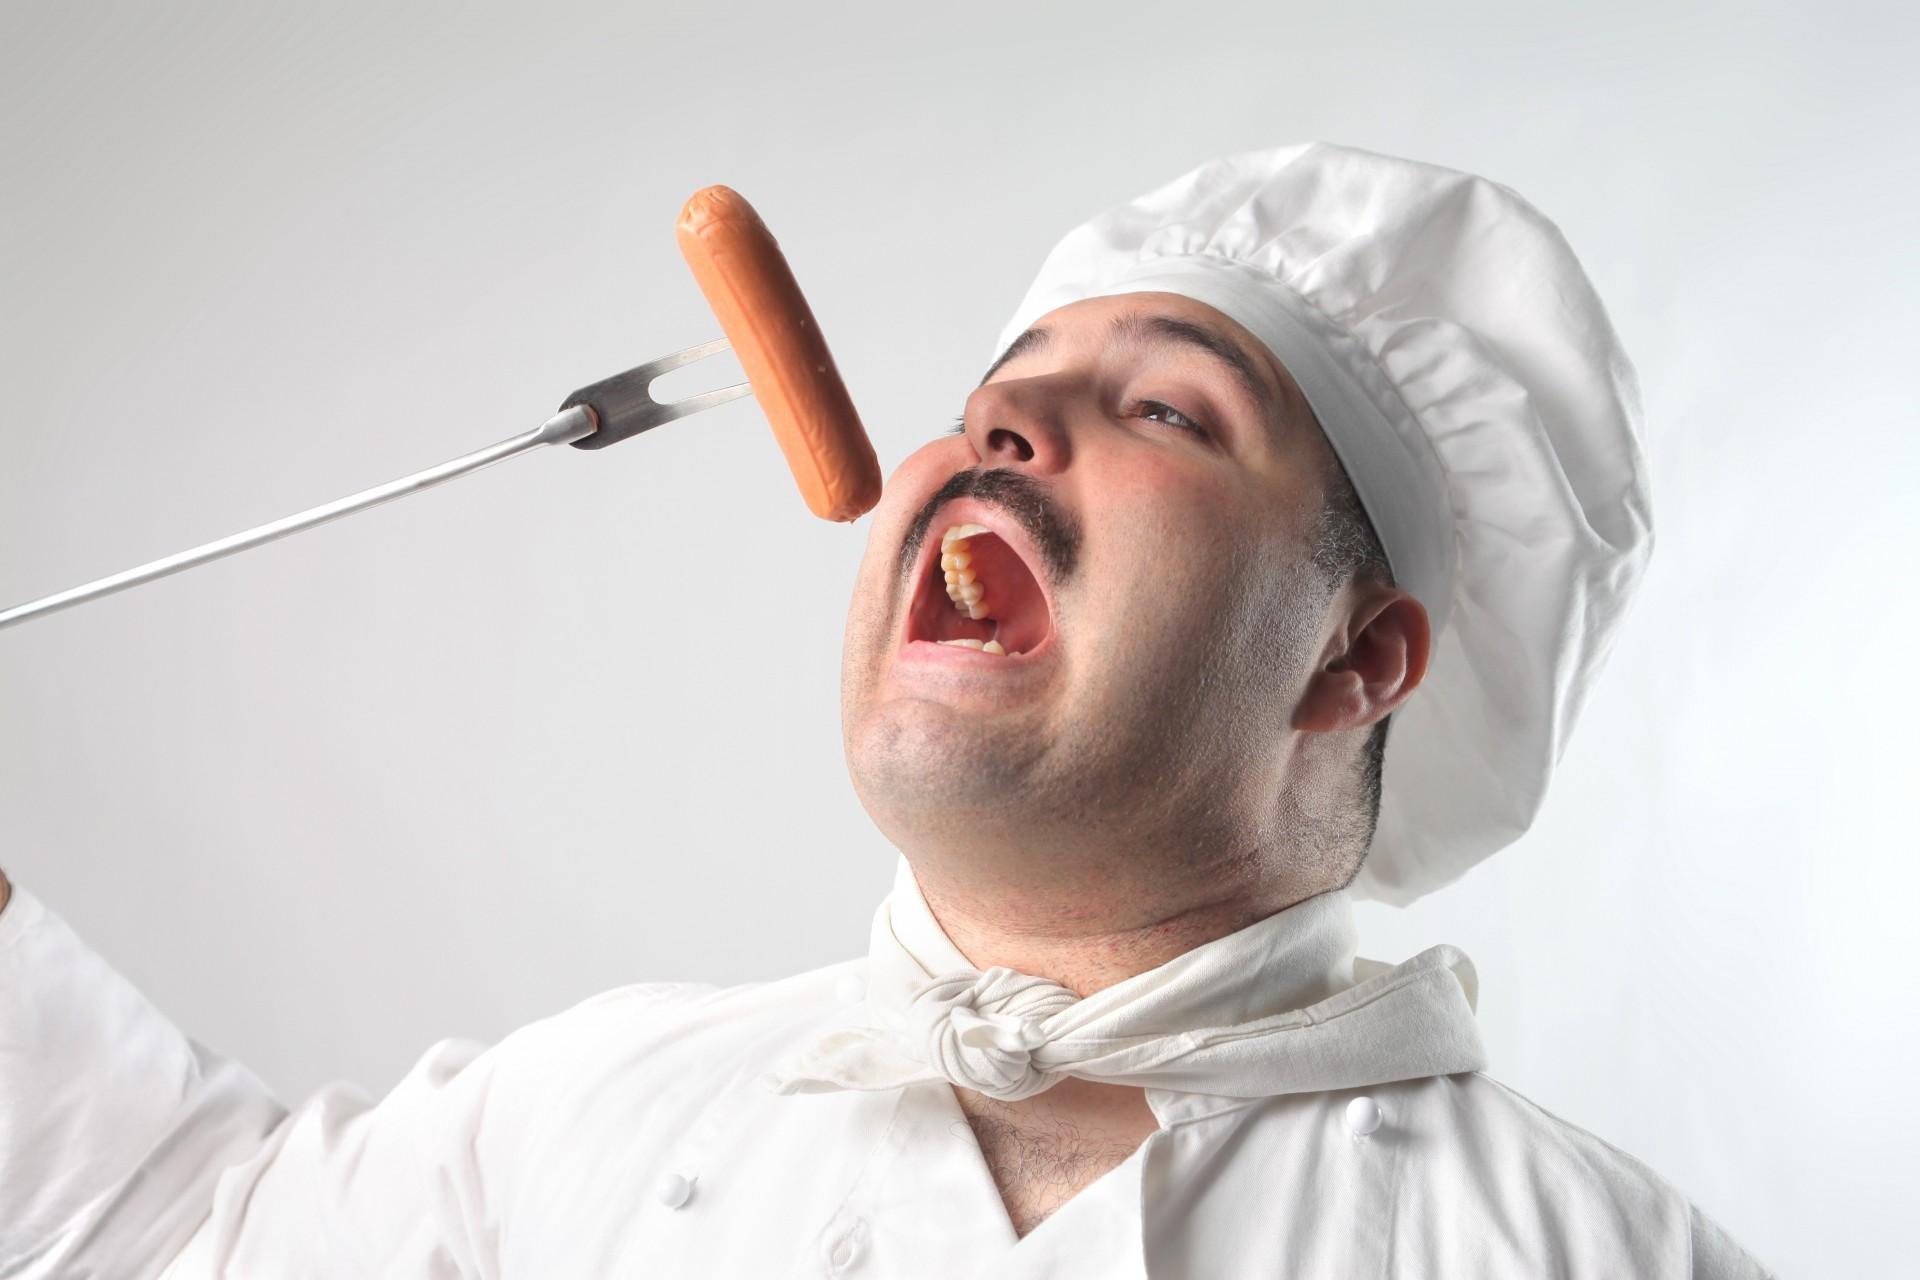 Анимация дню, смешная картинка повар